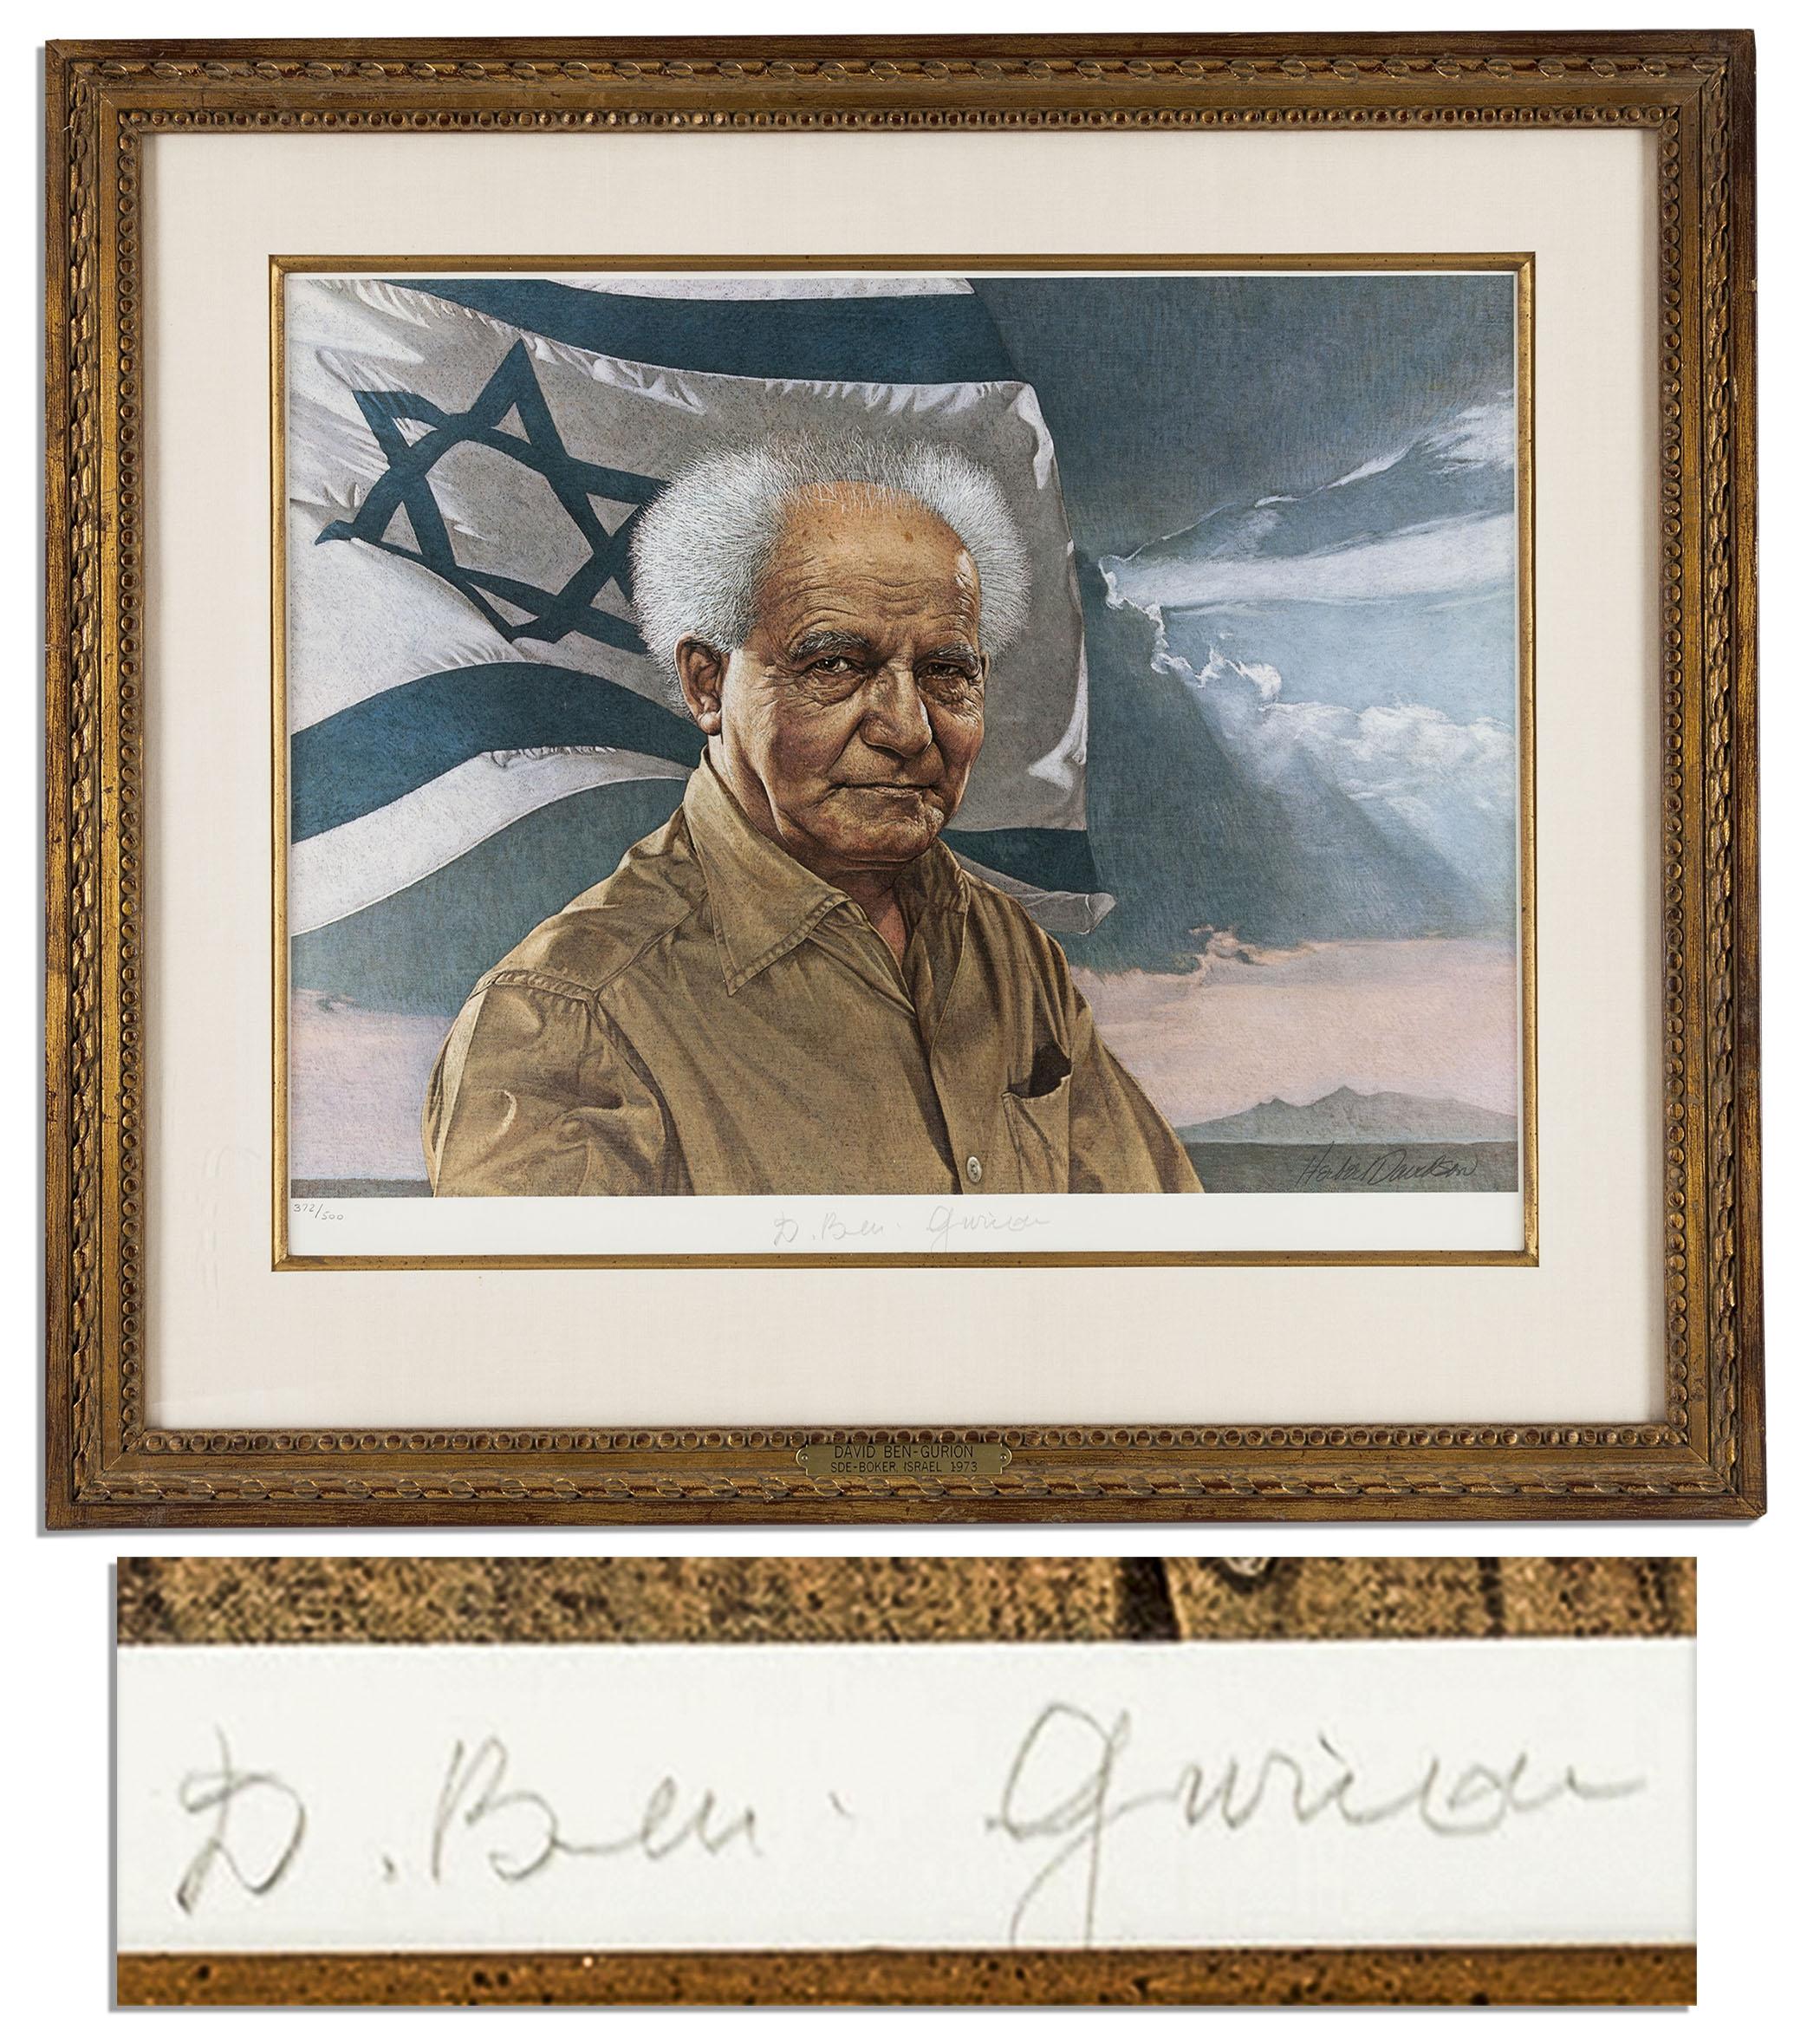 Judaica memorabilia